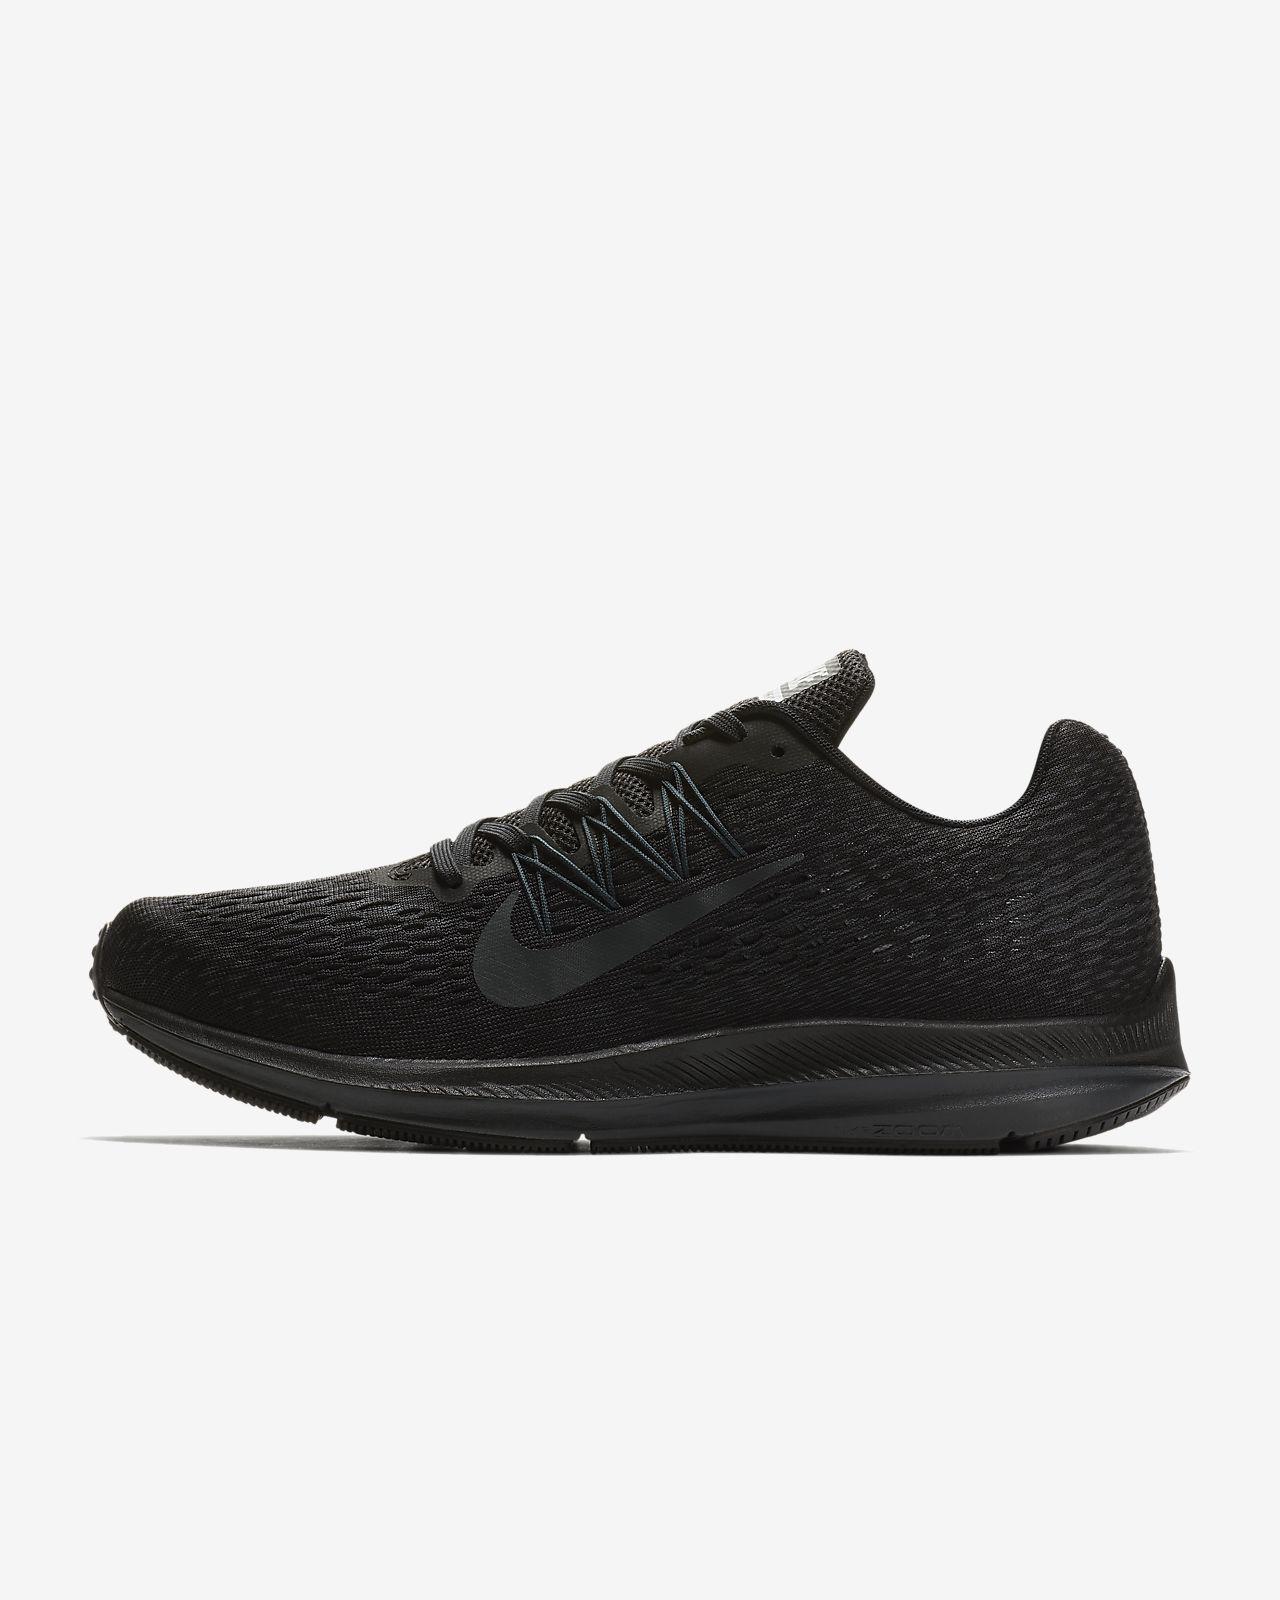 Nike Air Zoom Winflo 5 Erkek Koşu Ayakkabısı